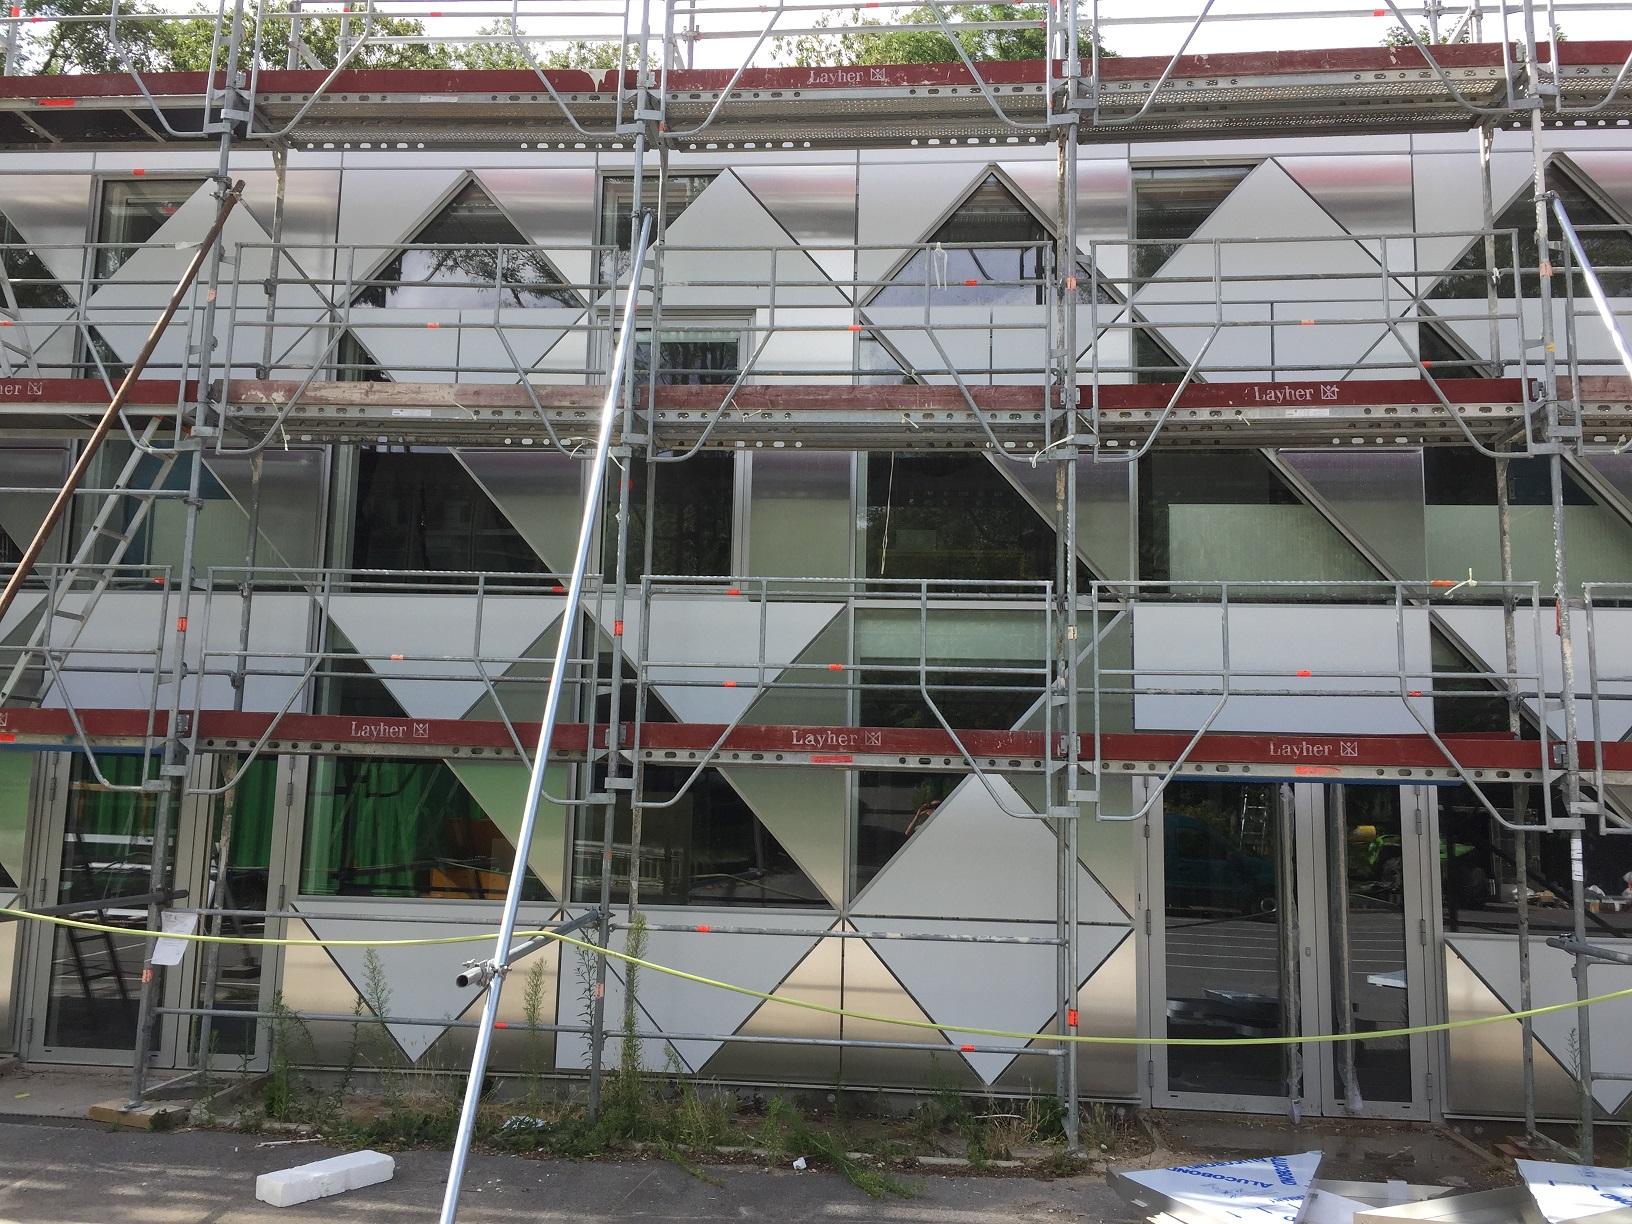 Les travaux ont duré 14 semaines, sur site ouvert, mobilisant 4 à 6 personnes sur le chantIer pour la façade.